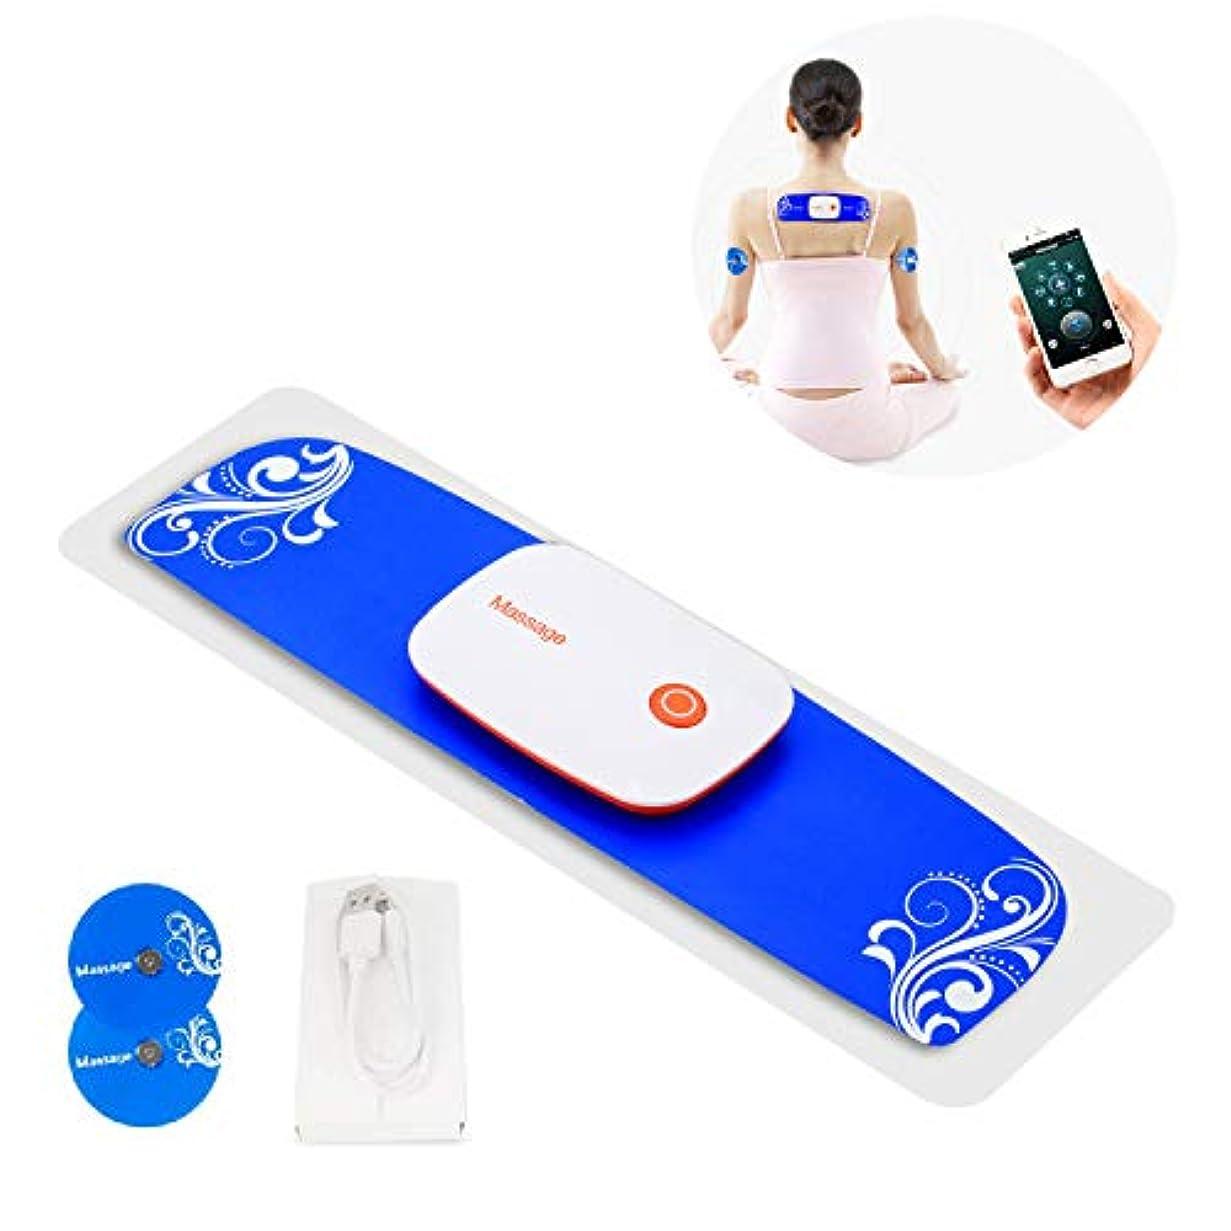 発表臭いトリップミニマッサージャースマートAPPワイヤレスUSB充電式小型家庭用デジタル経絡ポータブルミニ子宮頸部マッサージの家庭用手順